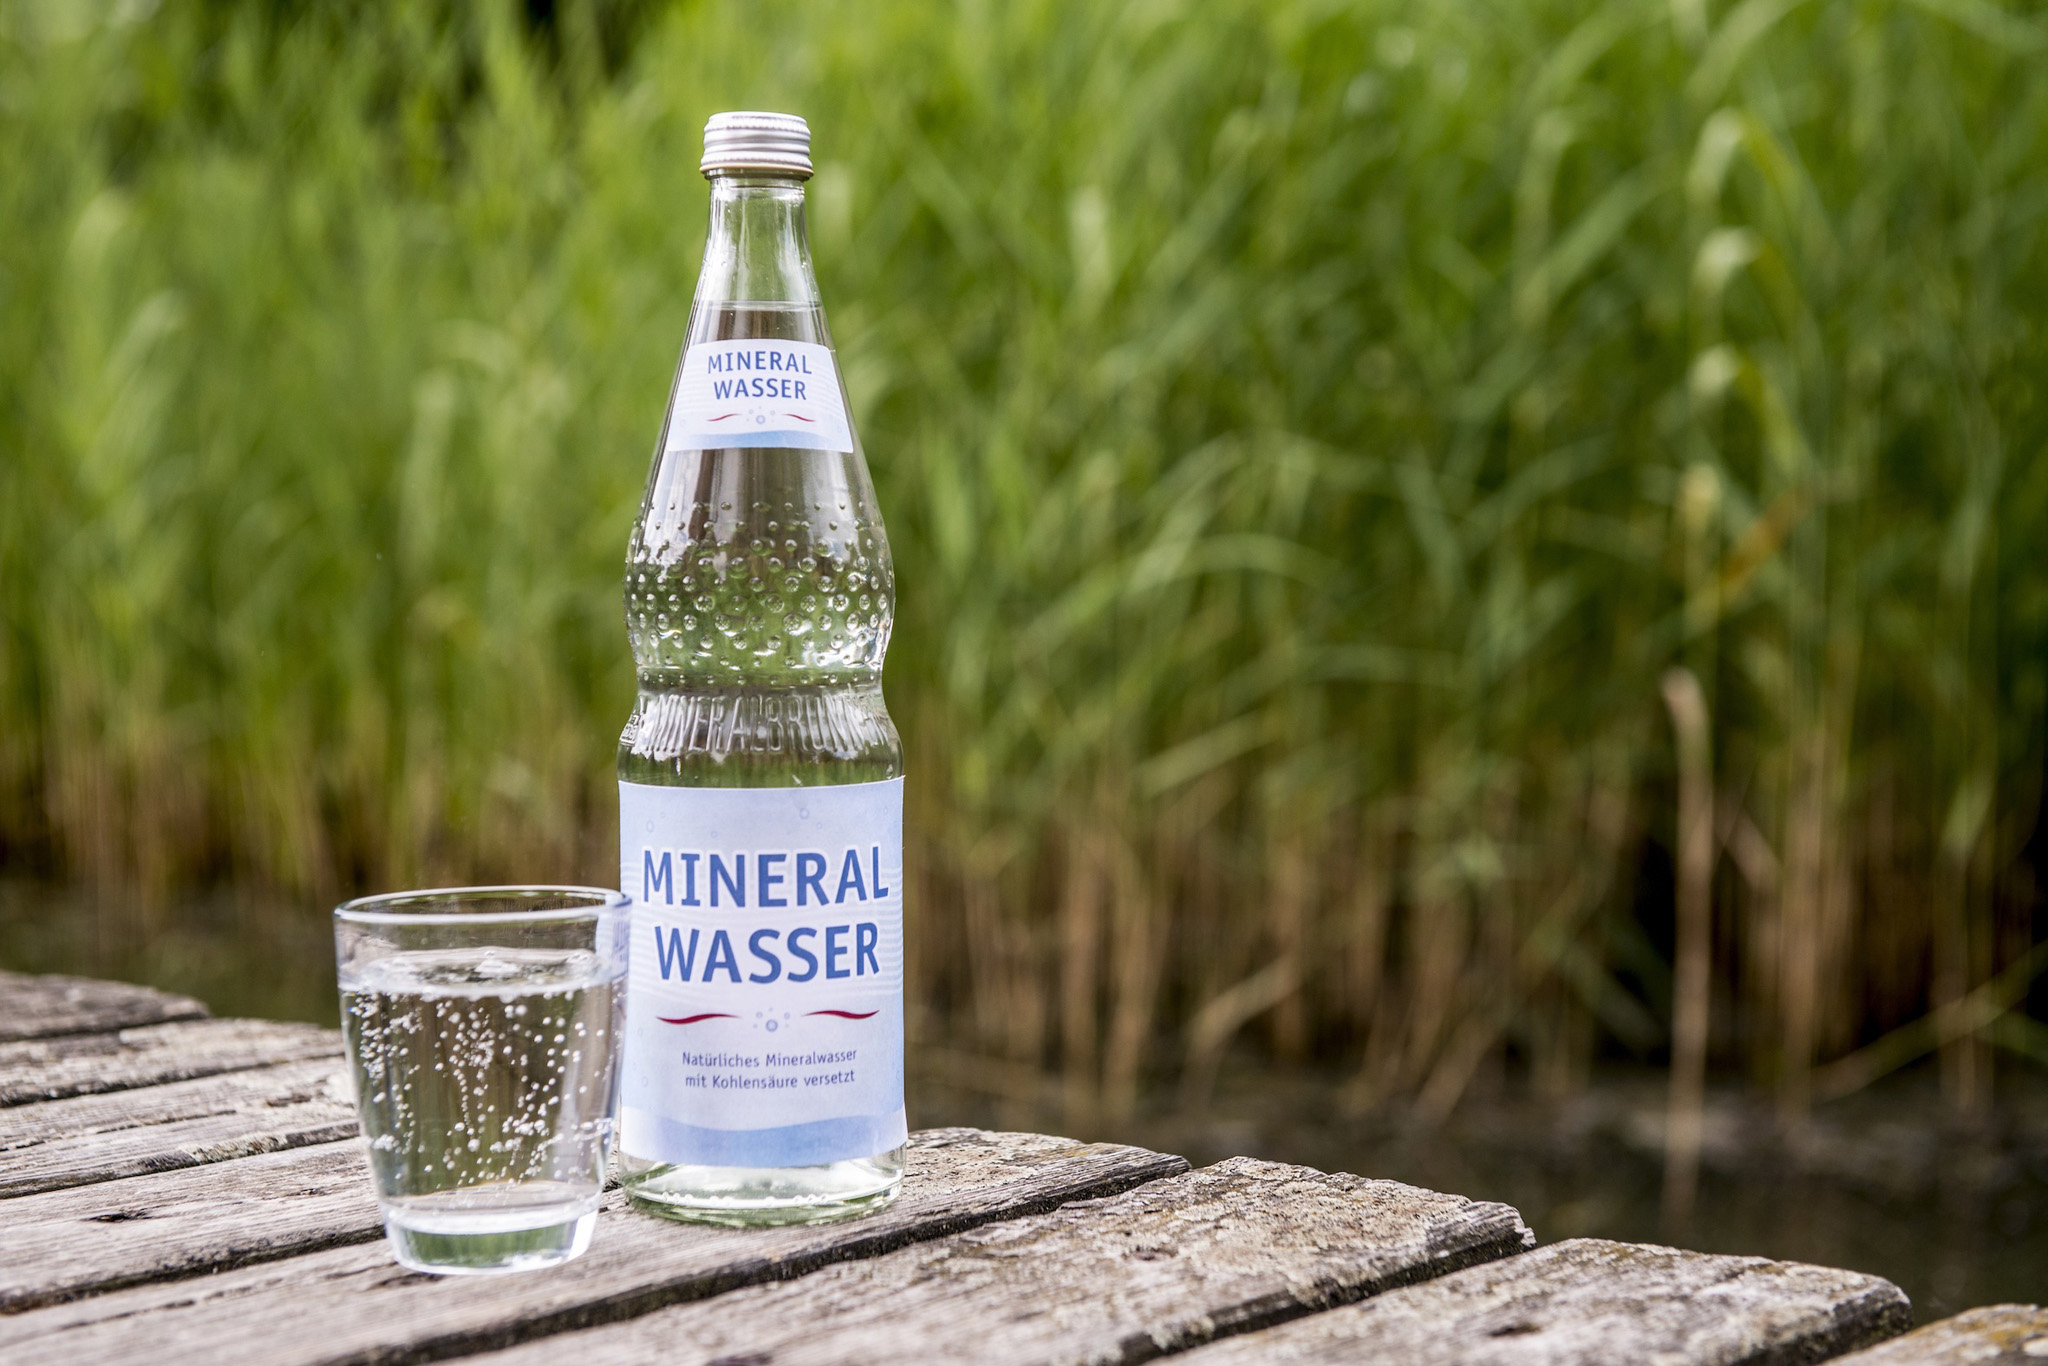 Gerichtsurteil: Natürliches Mineralwasser und Leitungswasser stehen als Lebensmittel im Wettbewerb